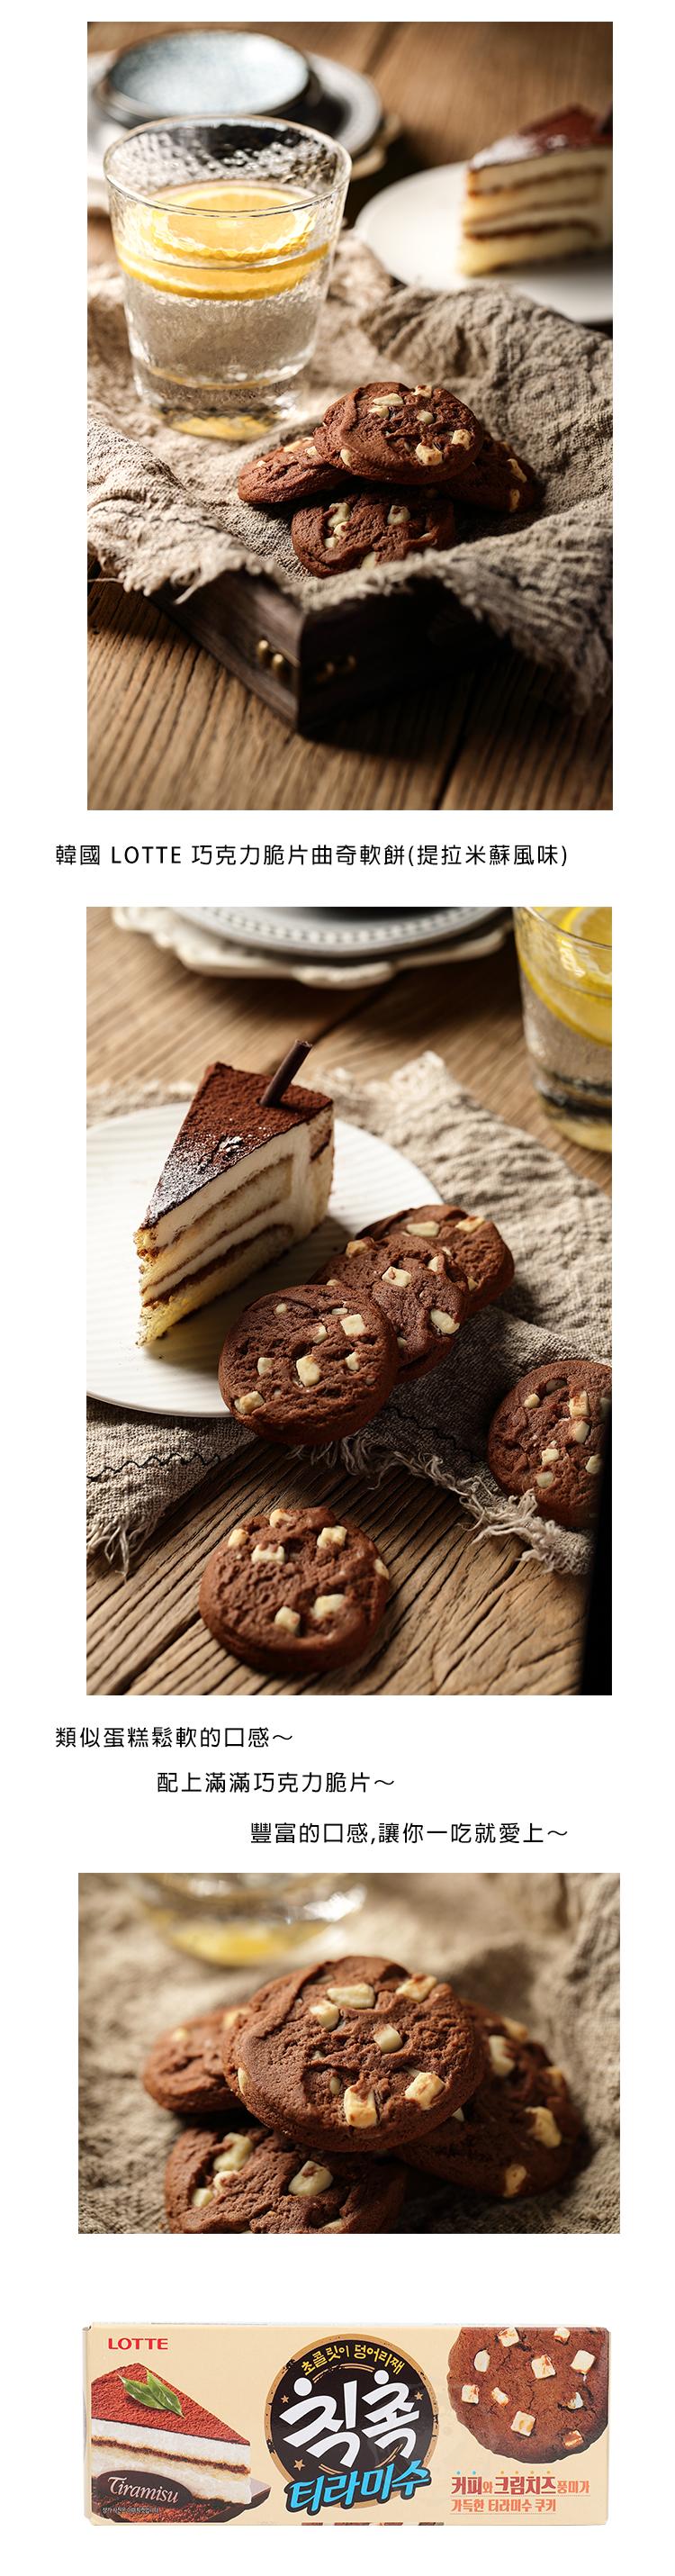 韓國-LOTTE-巧克力脆片曲奇軟餅(提拉米蘇)90gec